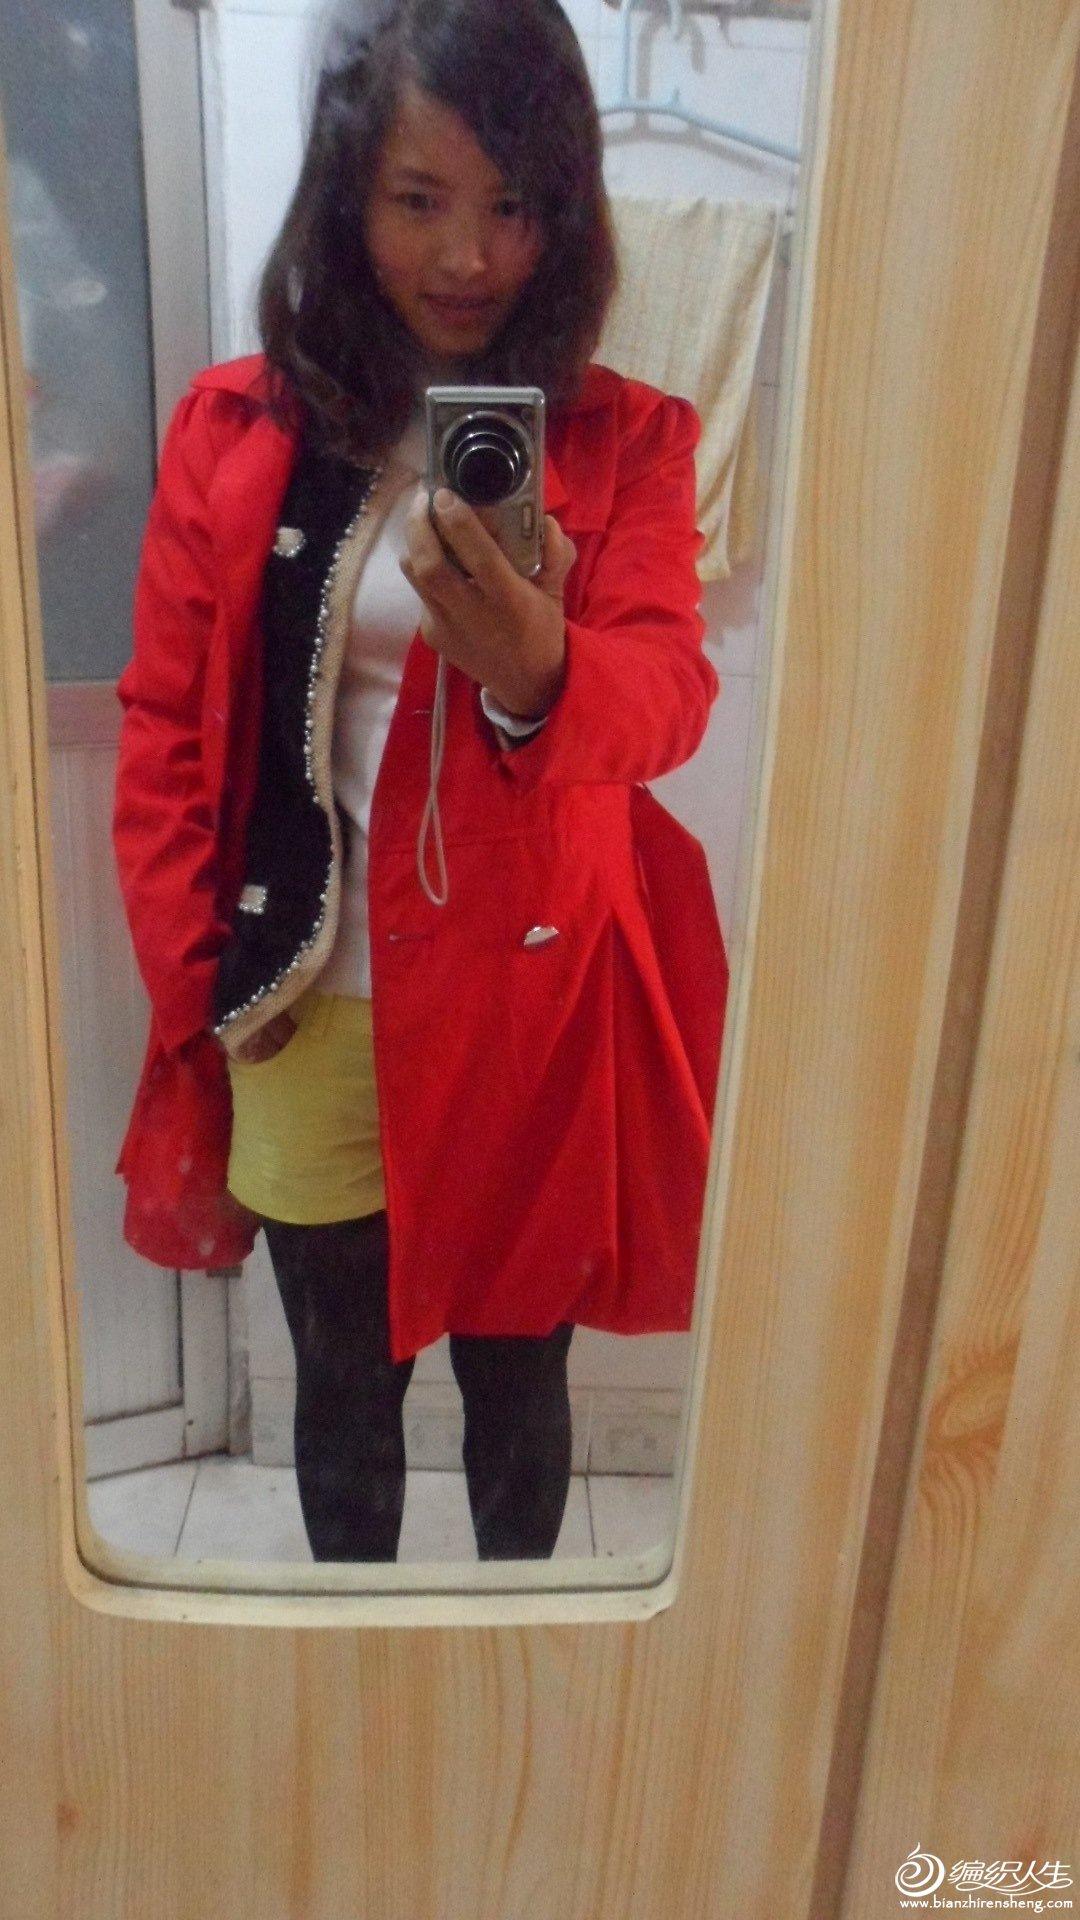 配件大红色风衣,更暖和了